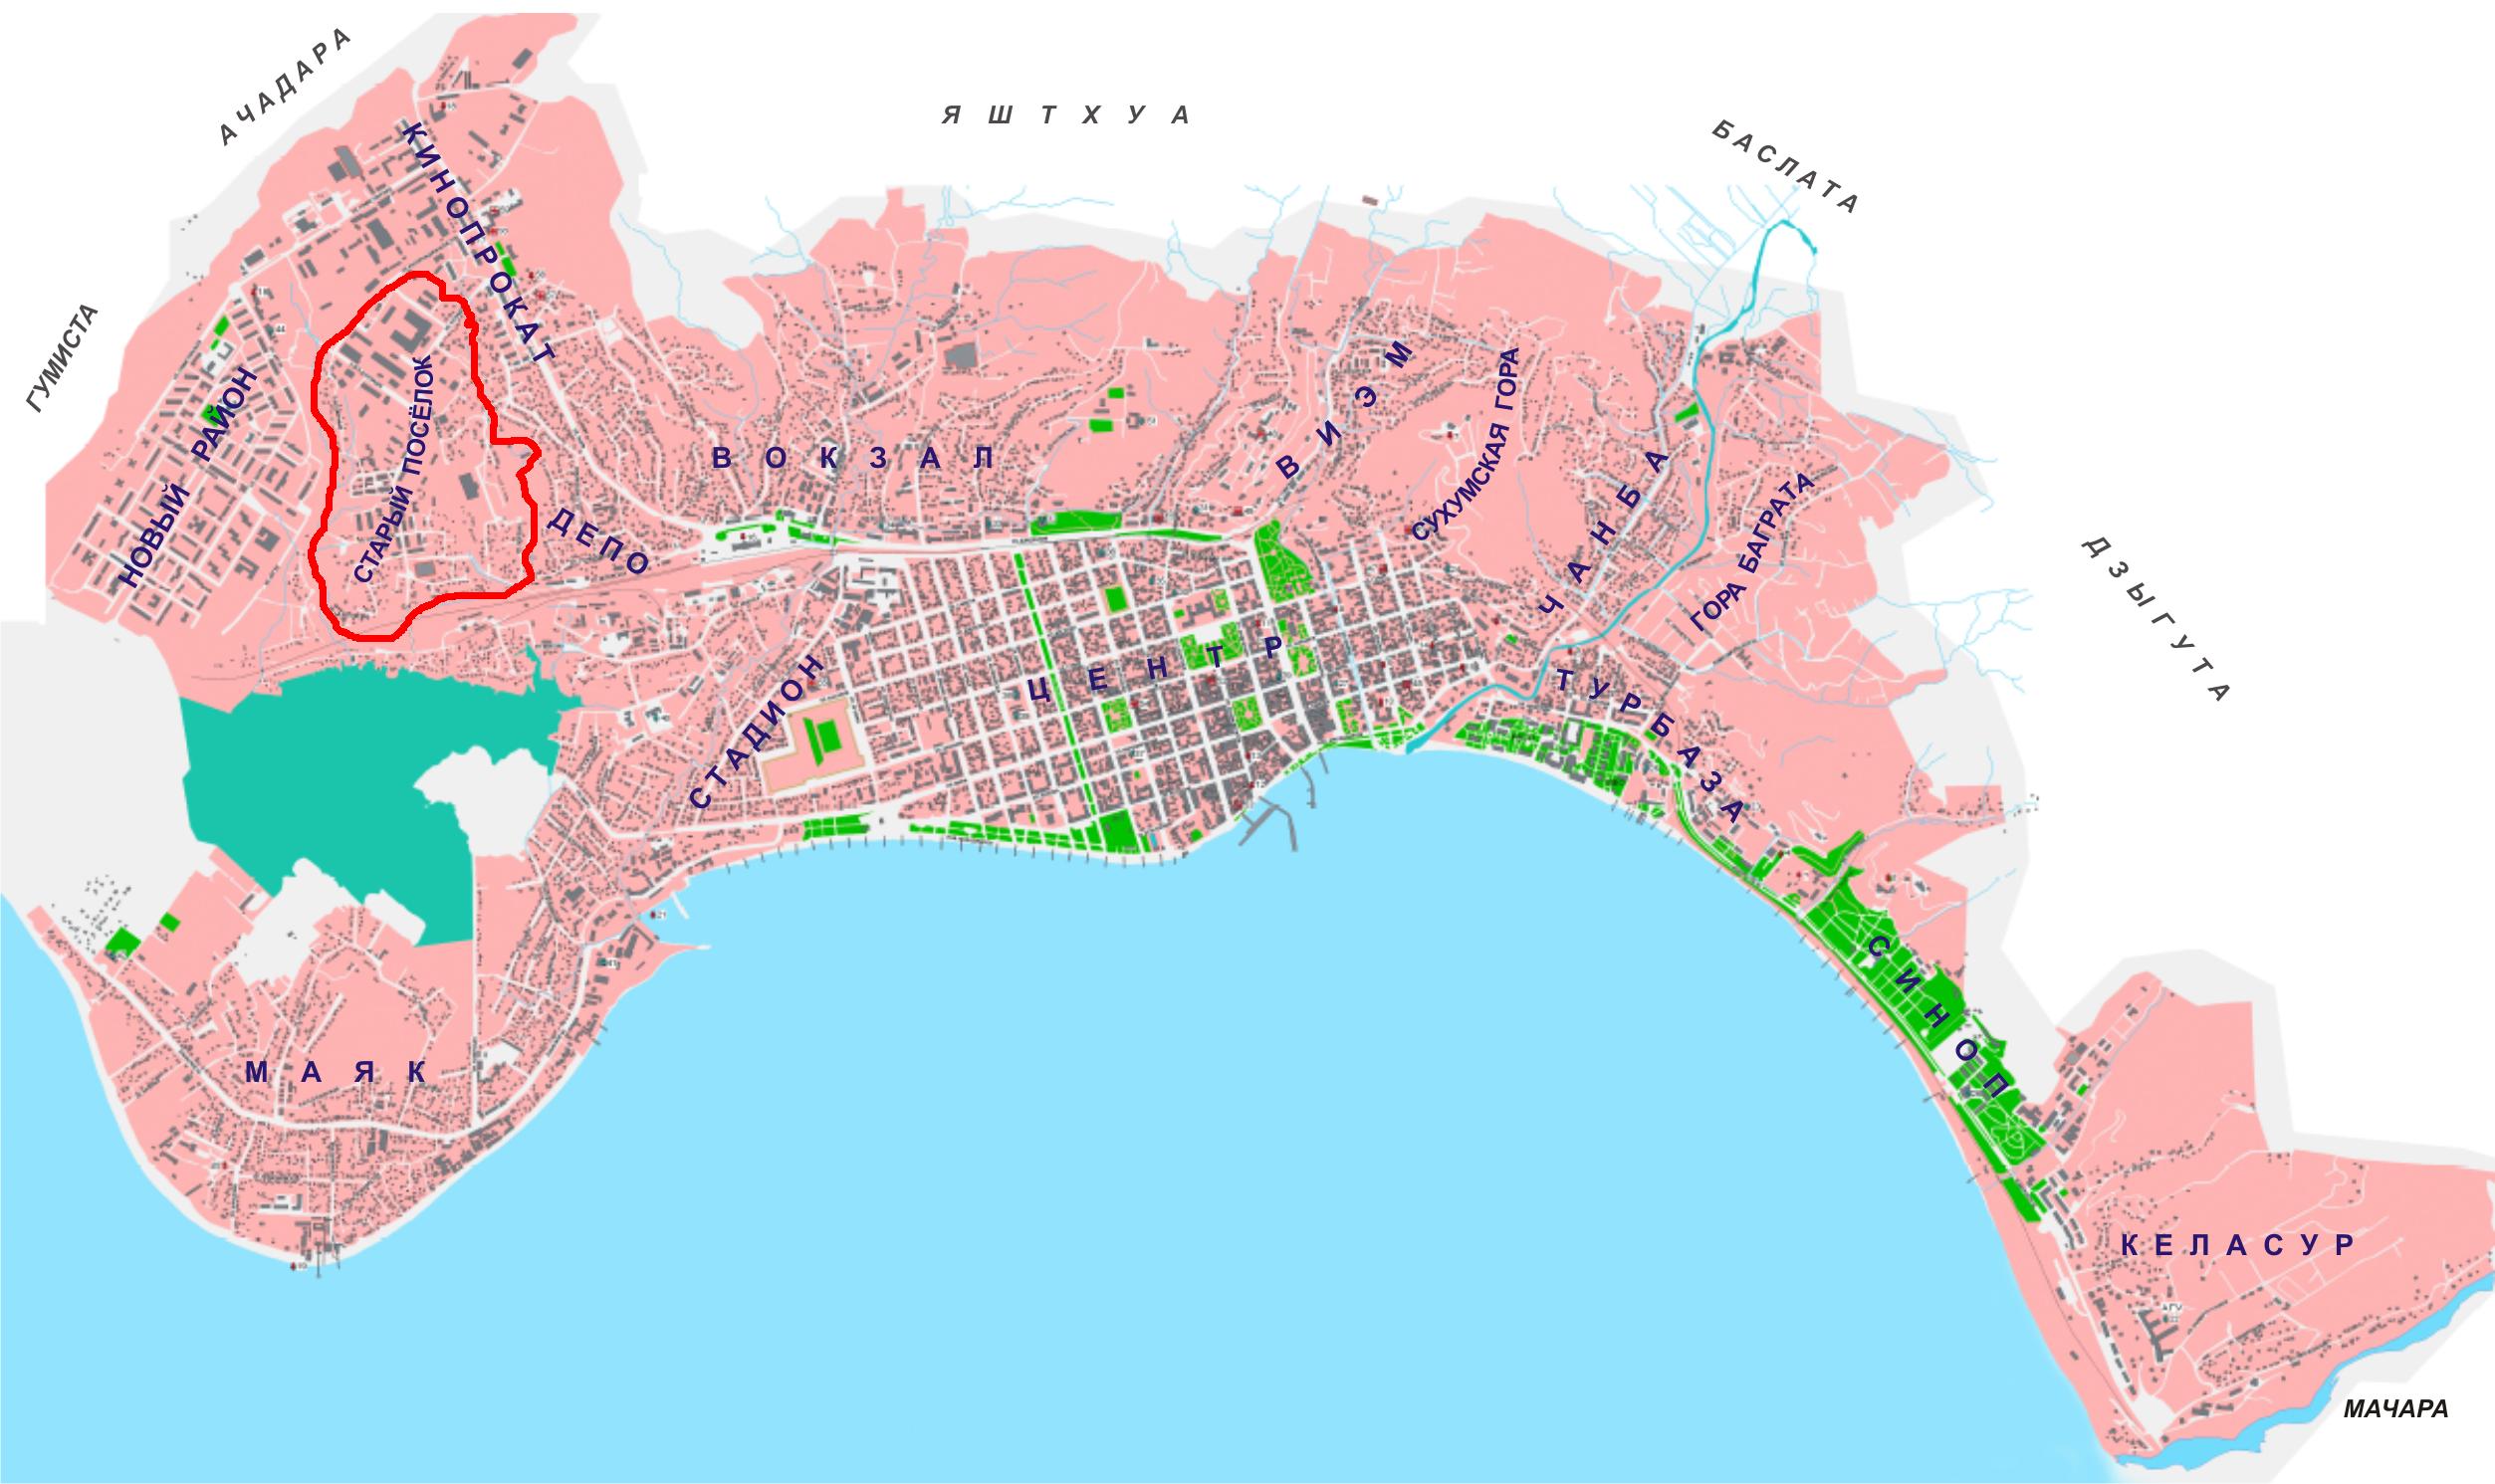 Этнический состав Старого посёлка (г. Сухум) по данным списков избирателей 2011 г.